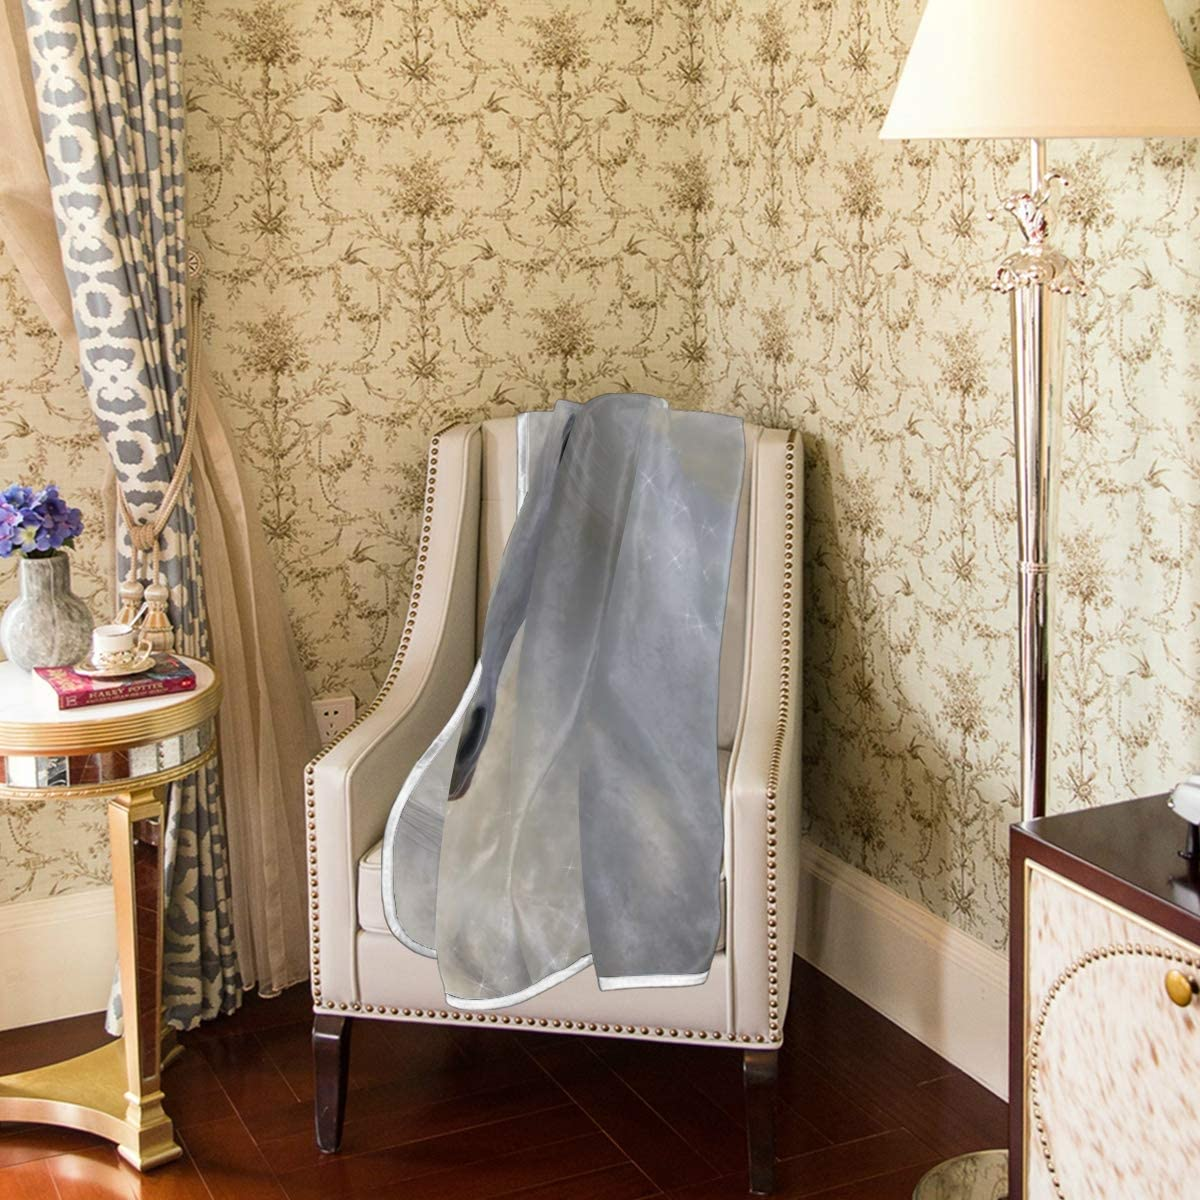 Bett Outdoor weiche Decke f/ür Babys Camping M/ädchen BIGJOKE Decke Couch Outdoor 152,4 x 228,6 cm Polyester Reisen Mikrofaser Galaxy Tier-Pferd Jungen leicht Sofa